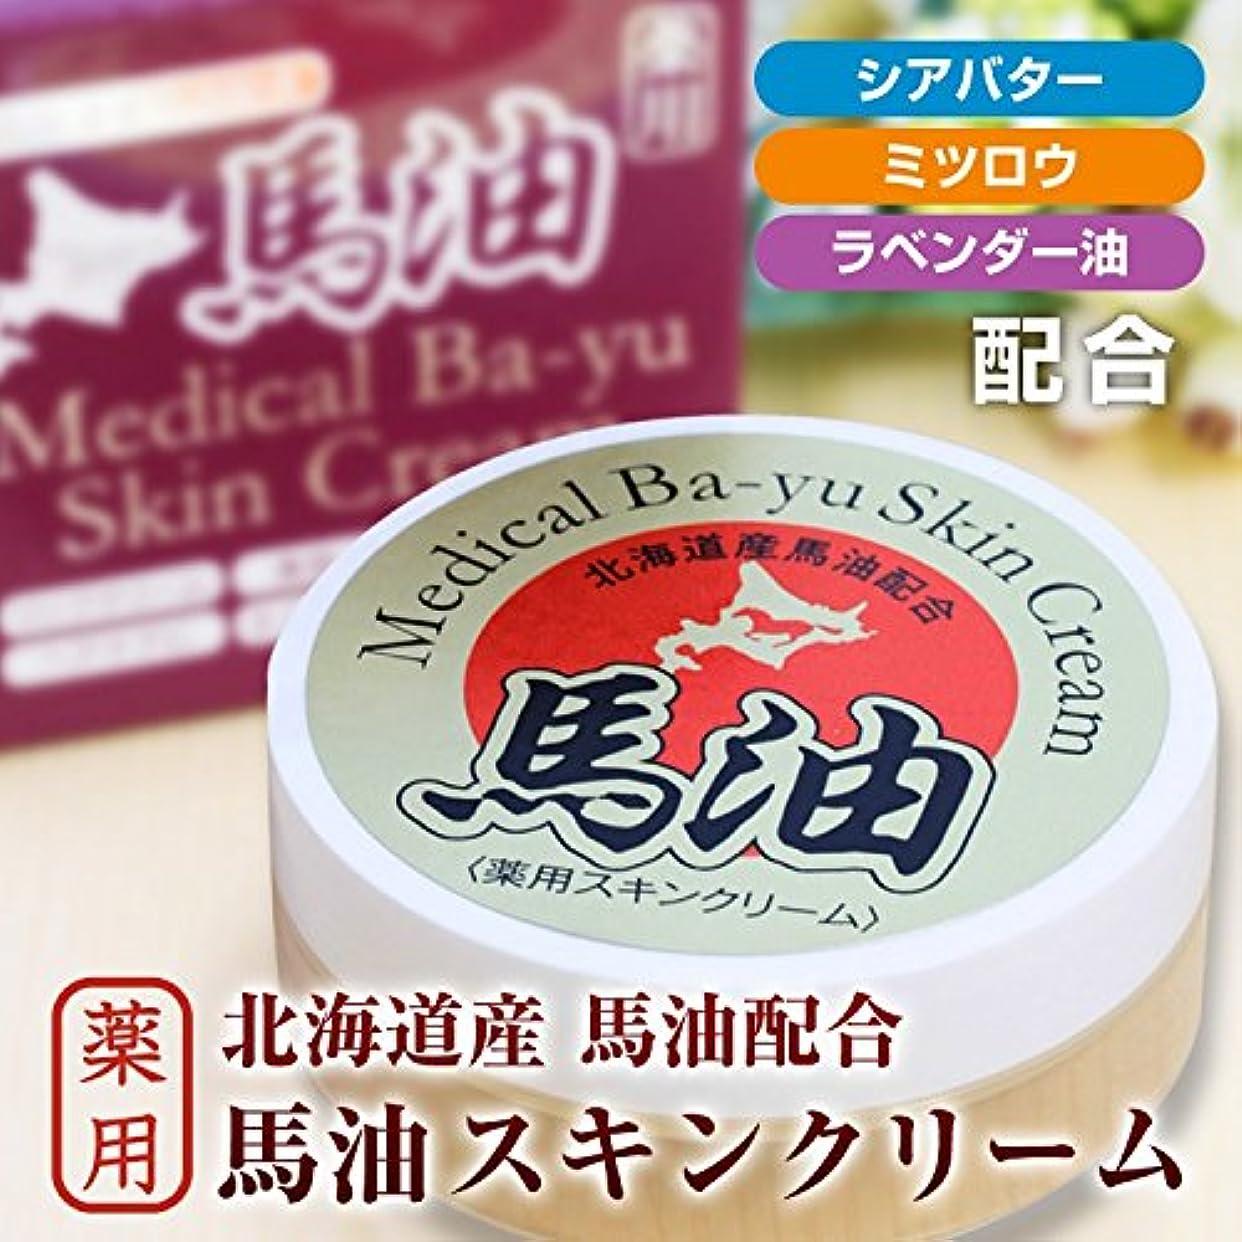 早く安全気をつけて北海道産馬油配合 薬用馬油スキンクリーム(20g)/医薬部外品 国産馬油//